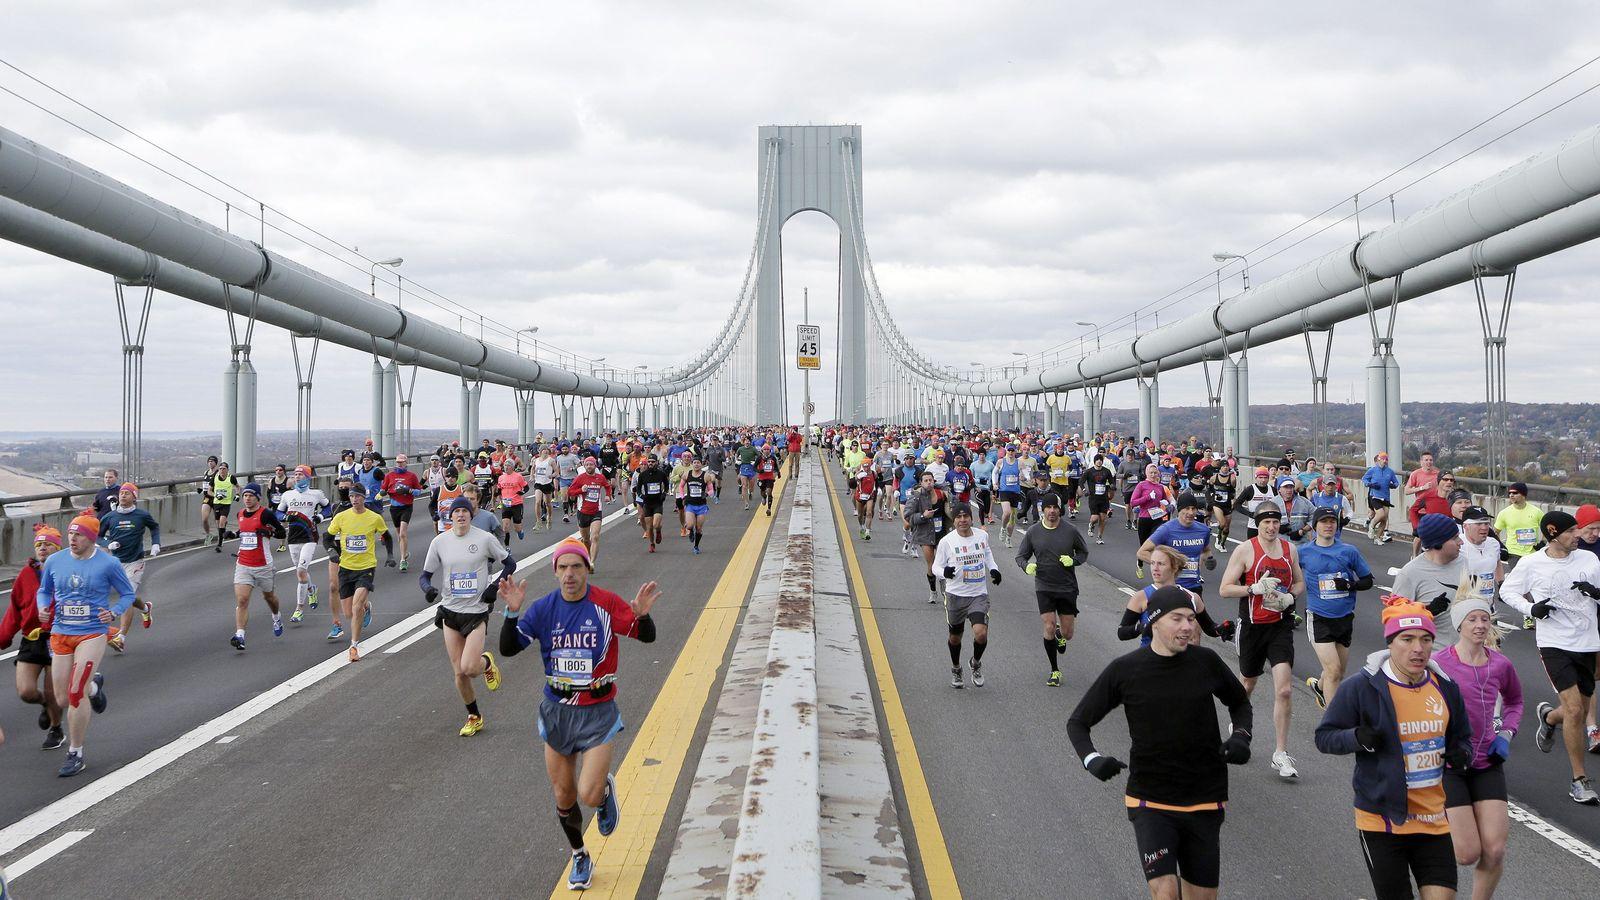 Foto: Imagen de los participantes de la maratón de Nueva York por el puente de Verrazano. (Efe)